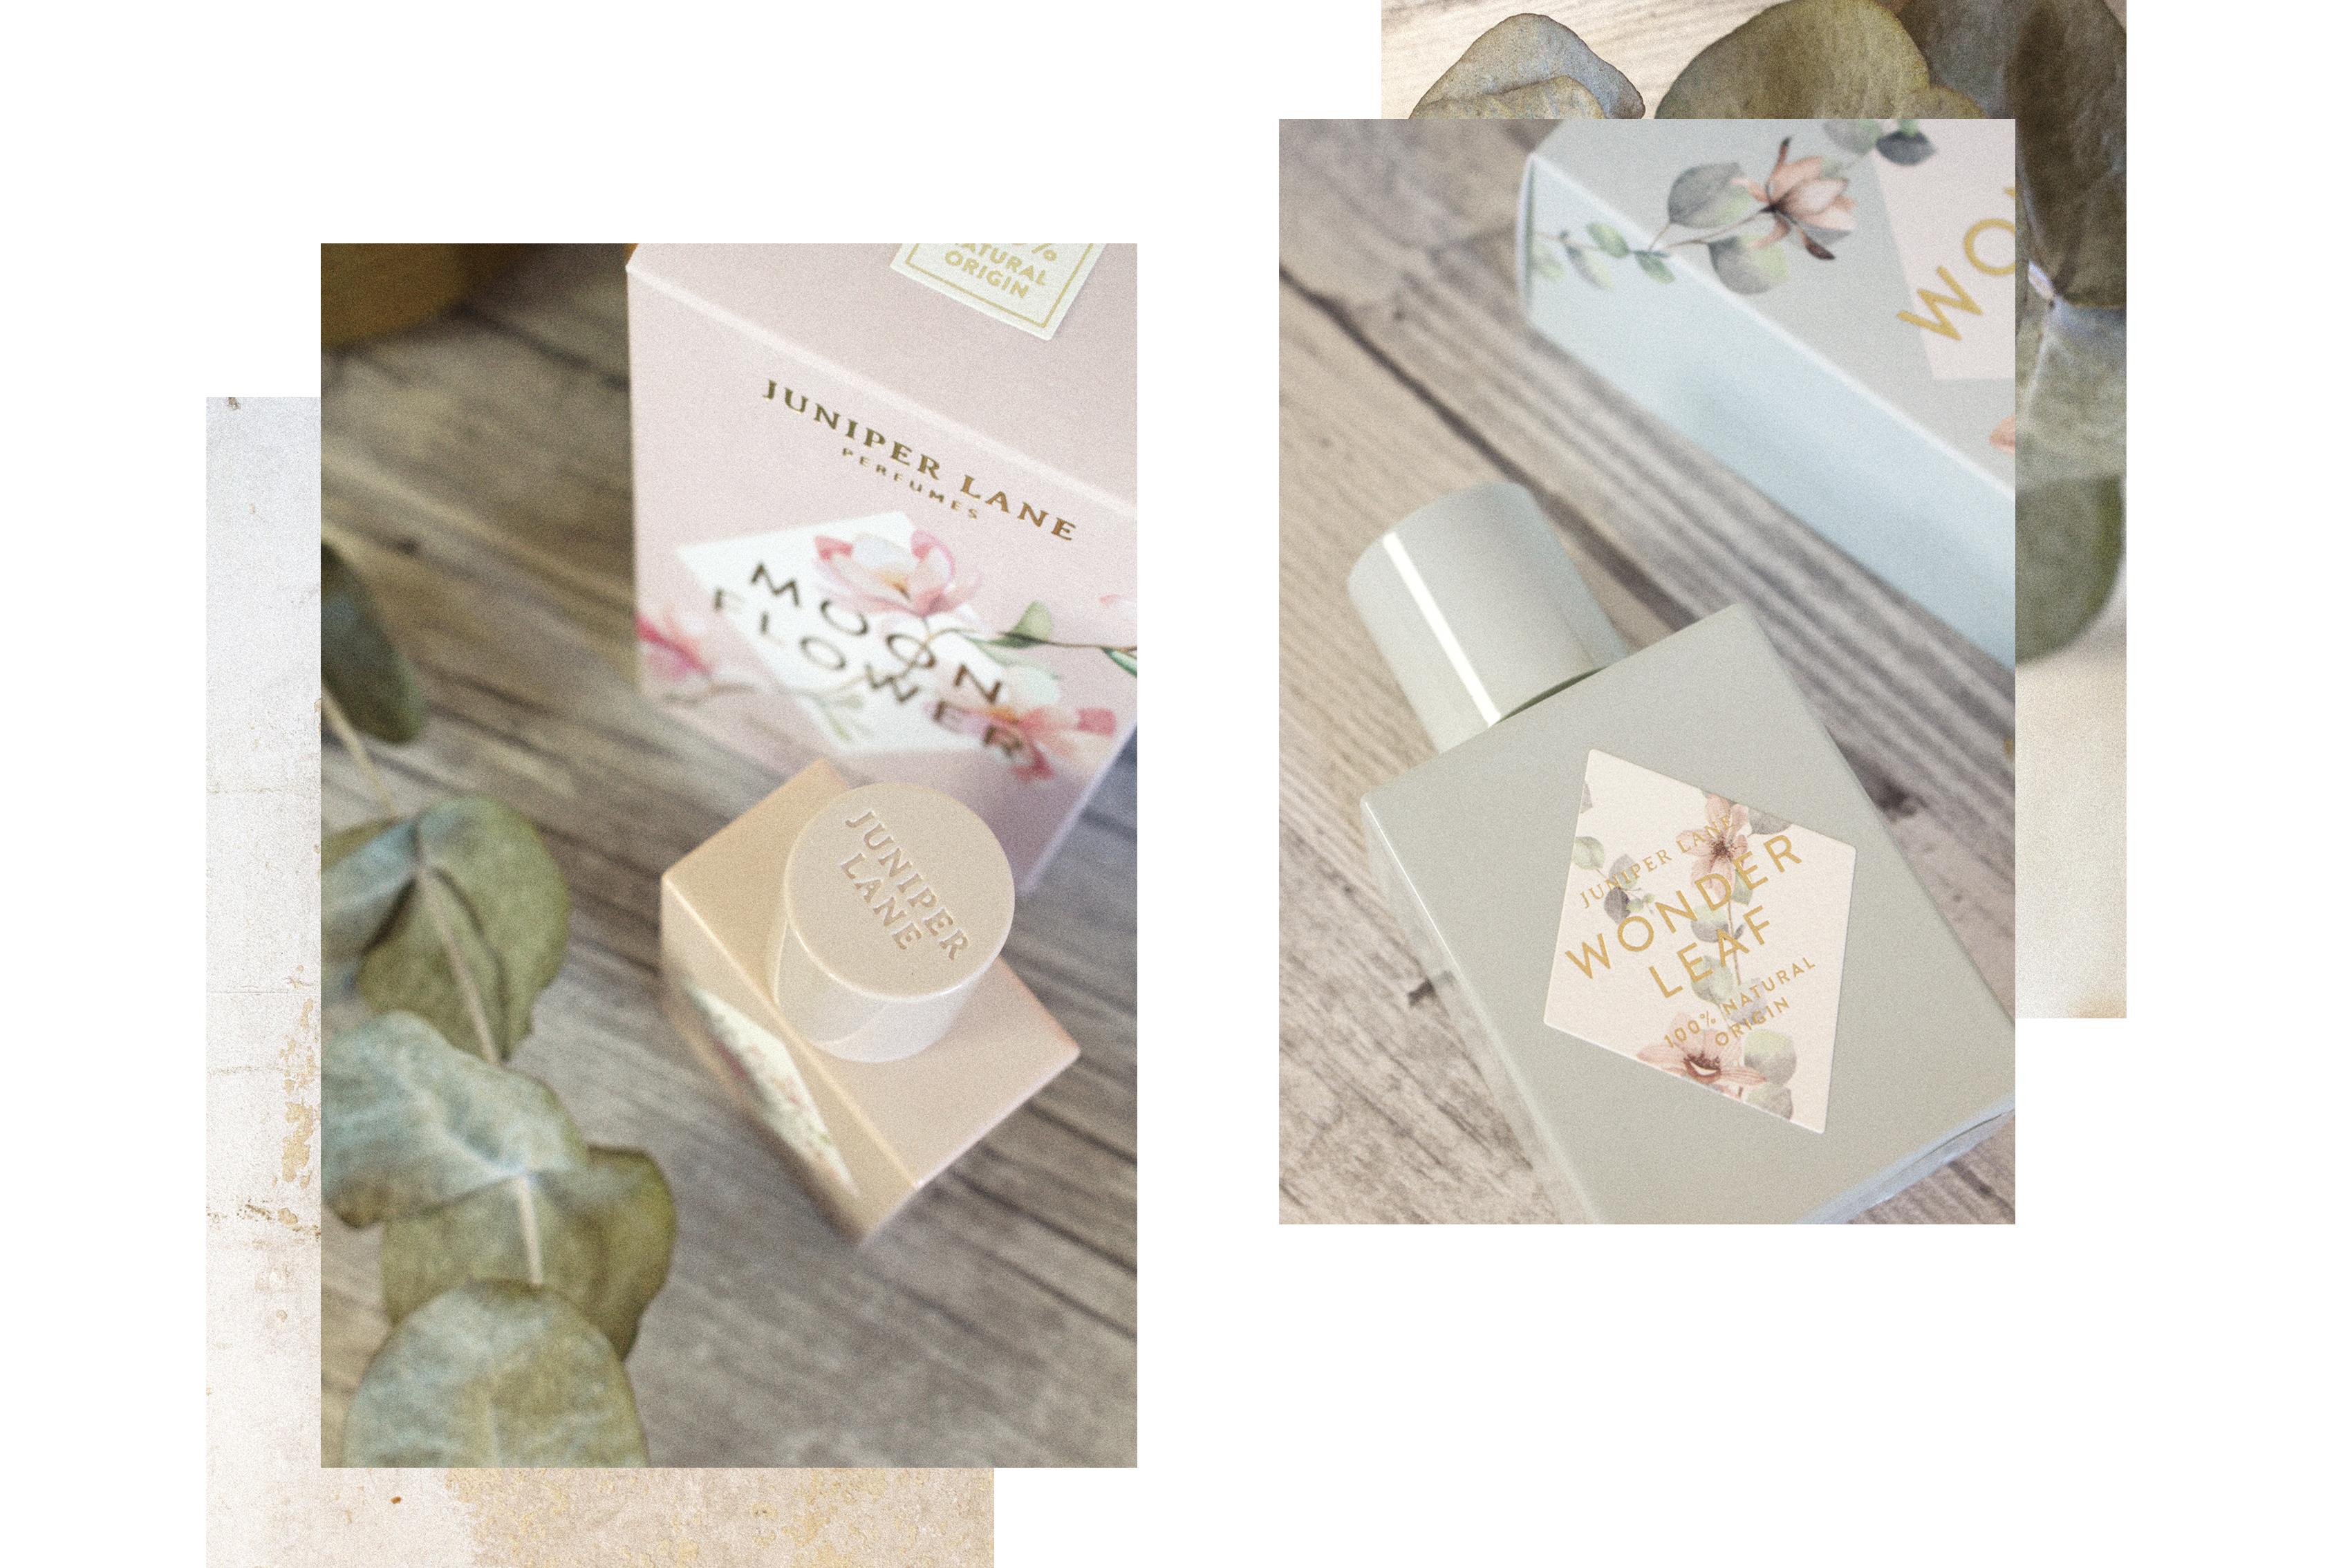 Juniper Lane Parfums Moonflower und Wonderleaf Verpackungen und Flakons